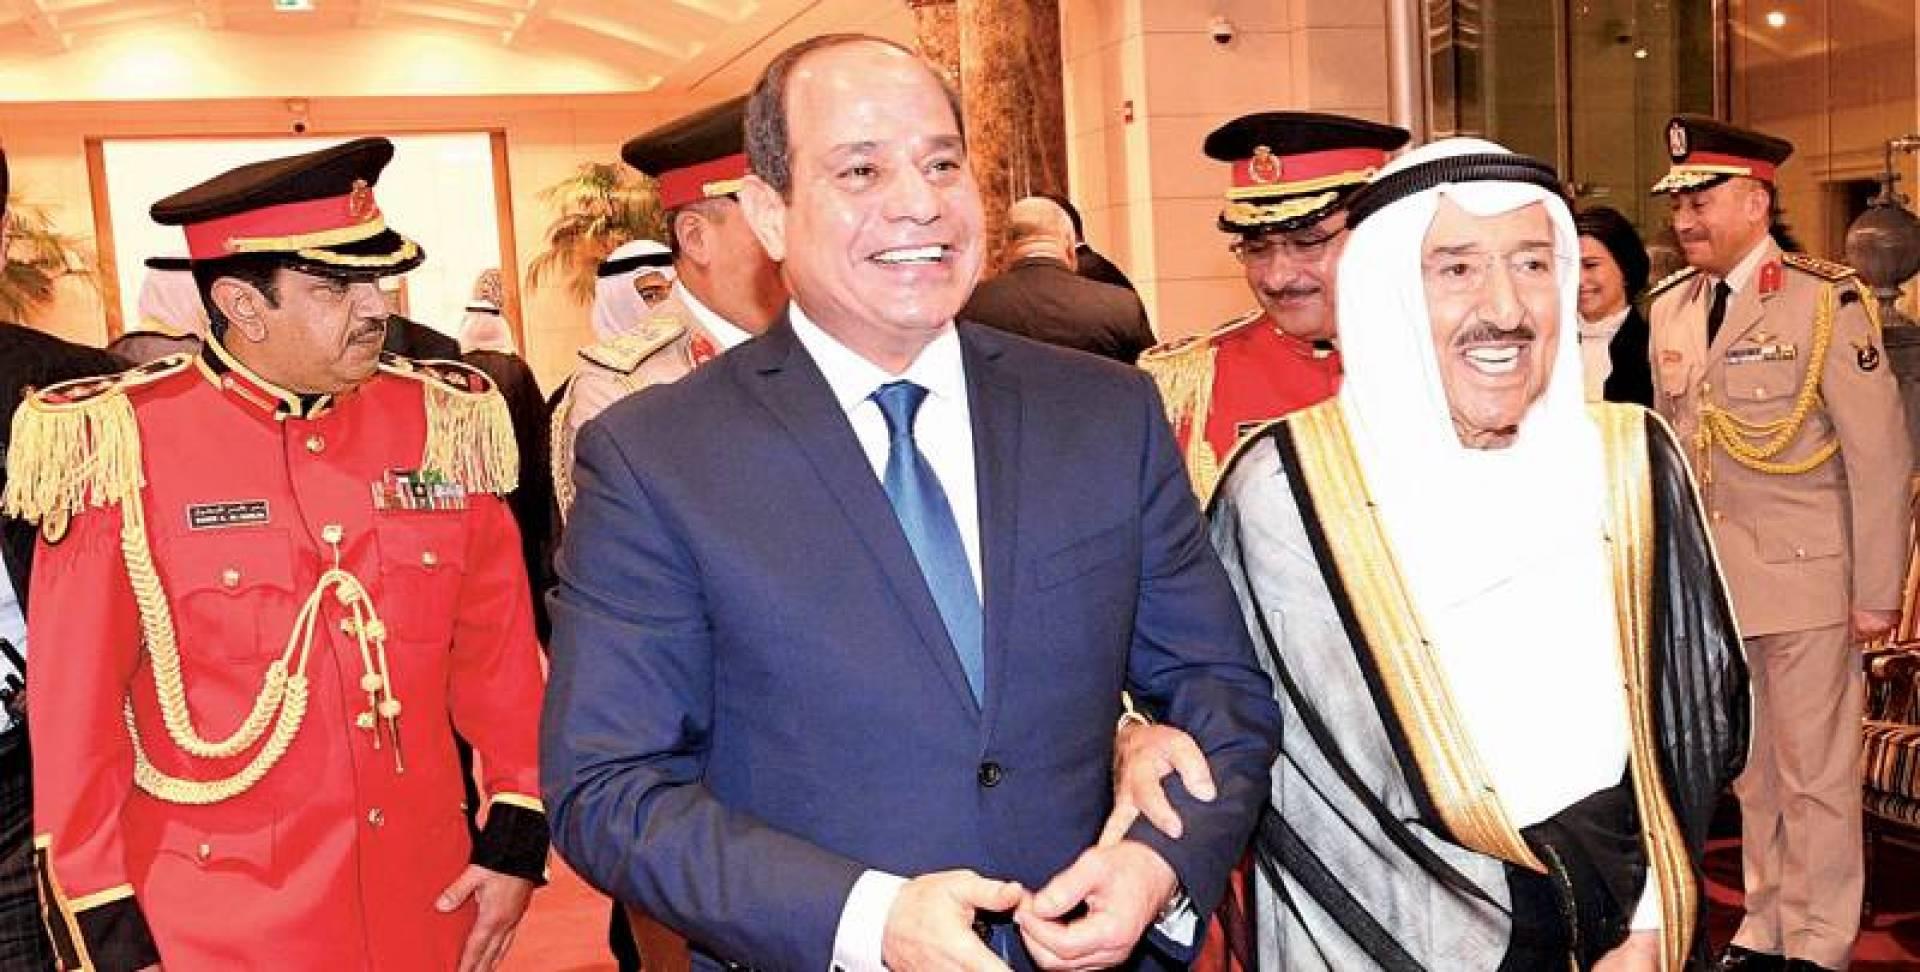 وزير الخارجية الكويتى: نقدر دور مصر فى تعزيز استقرار وأمن العالم العربي